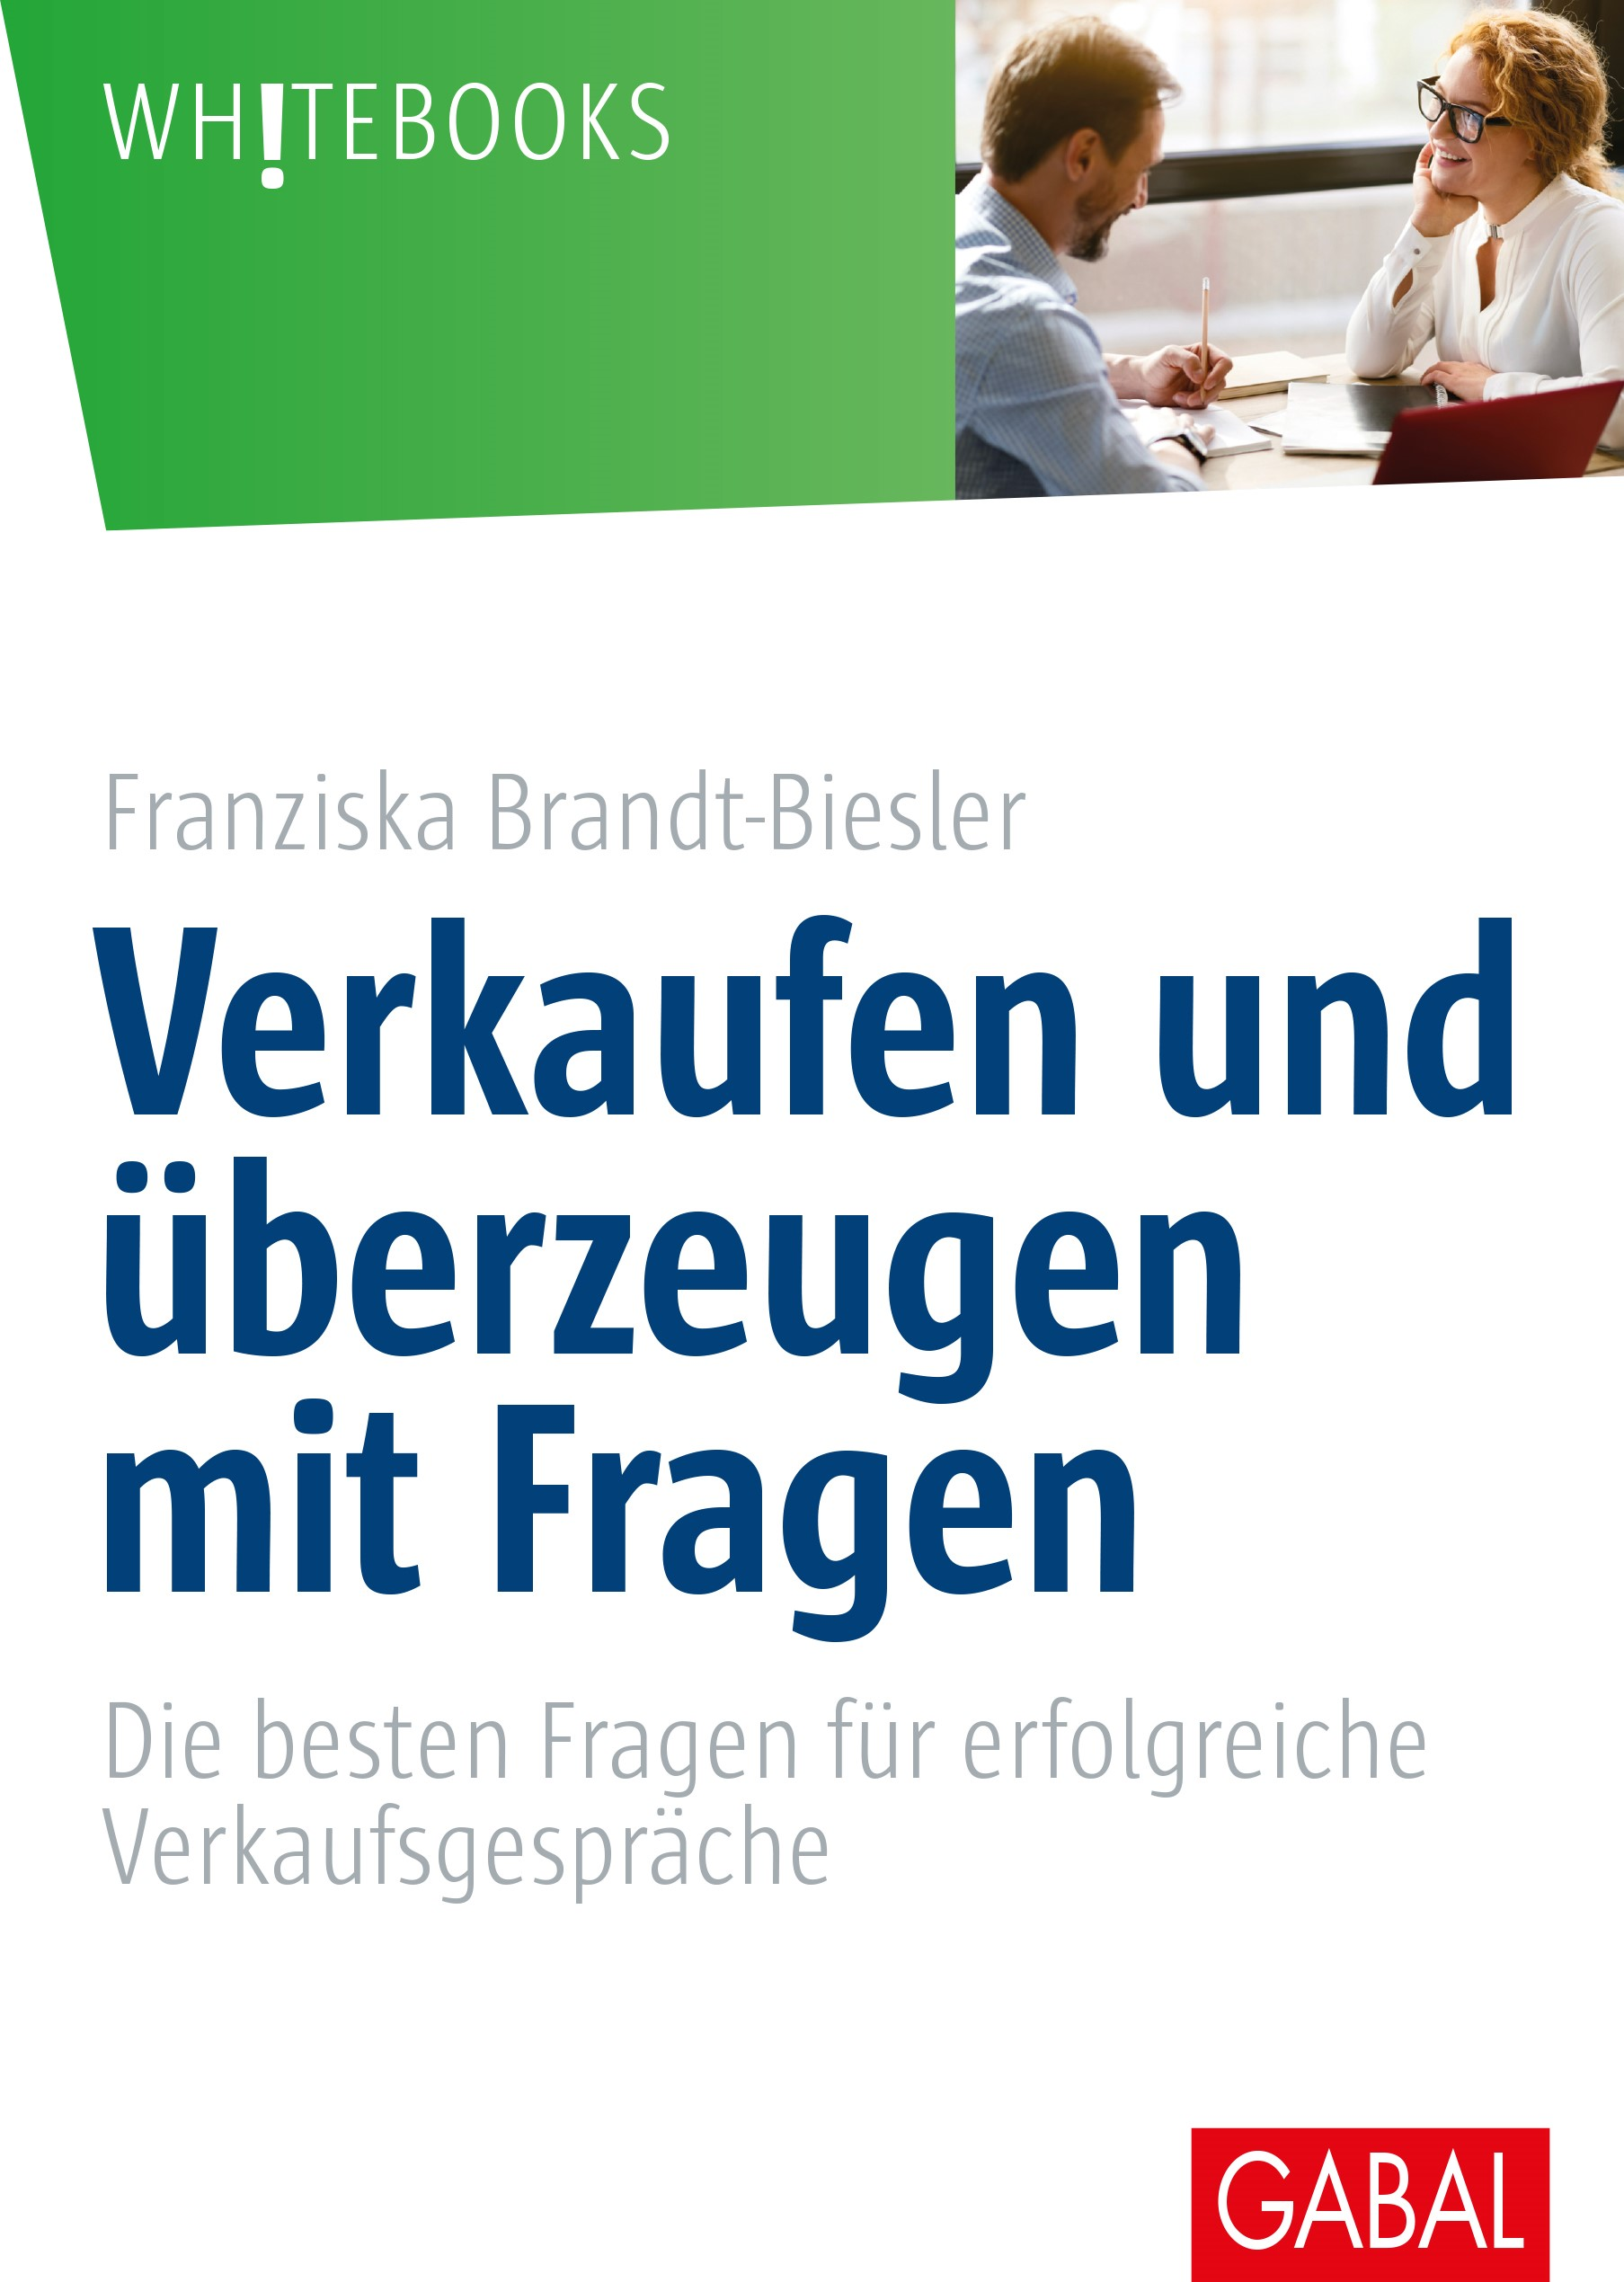 Verkaufen und überzeugen mit Fragen | Brandt-Biesler, 2017 | Buch (Cover)